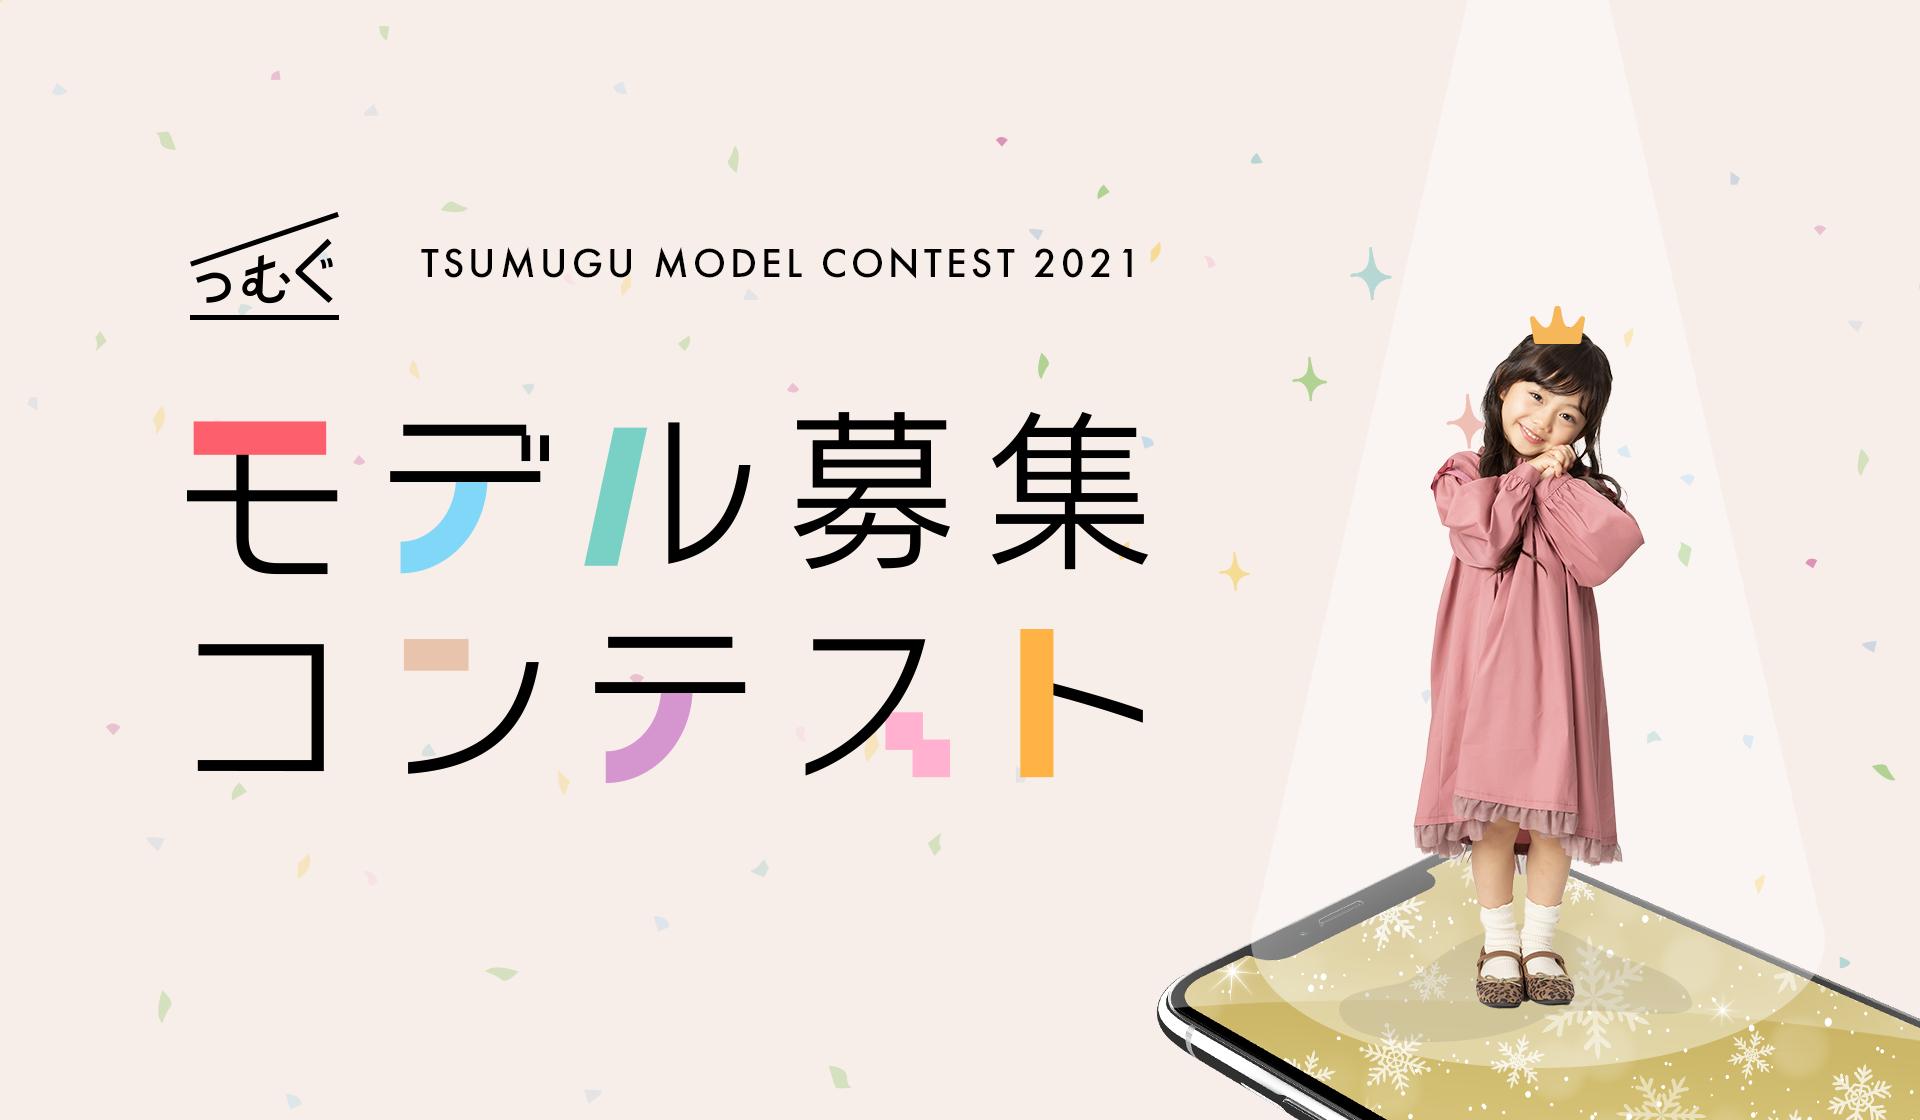 【つむぐポストカード】『第2回つむぐモデル募集コンテスト』開催